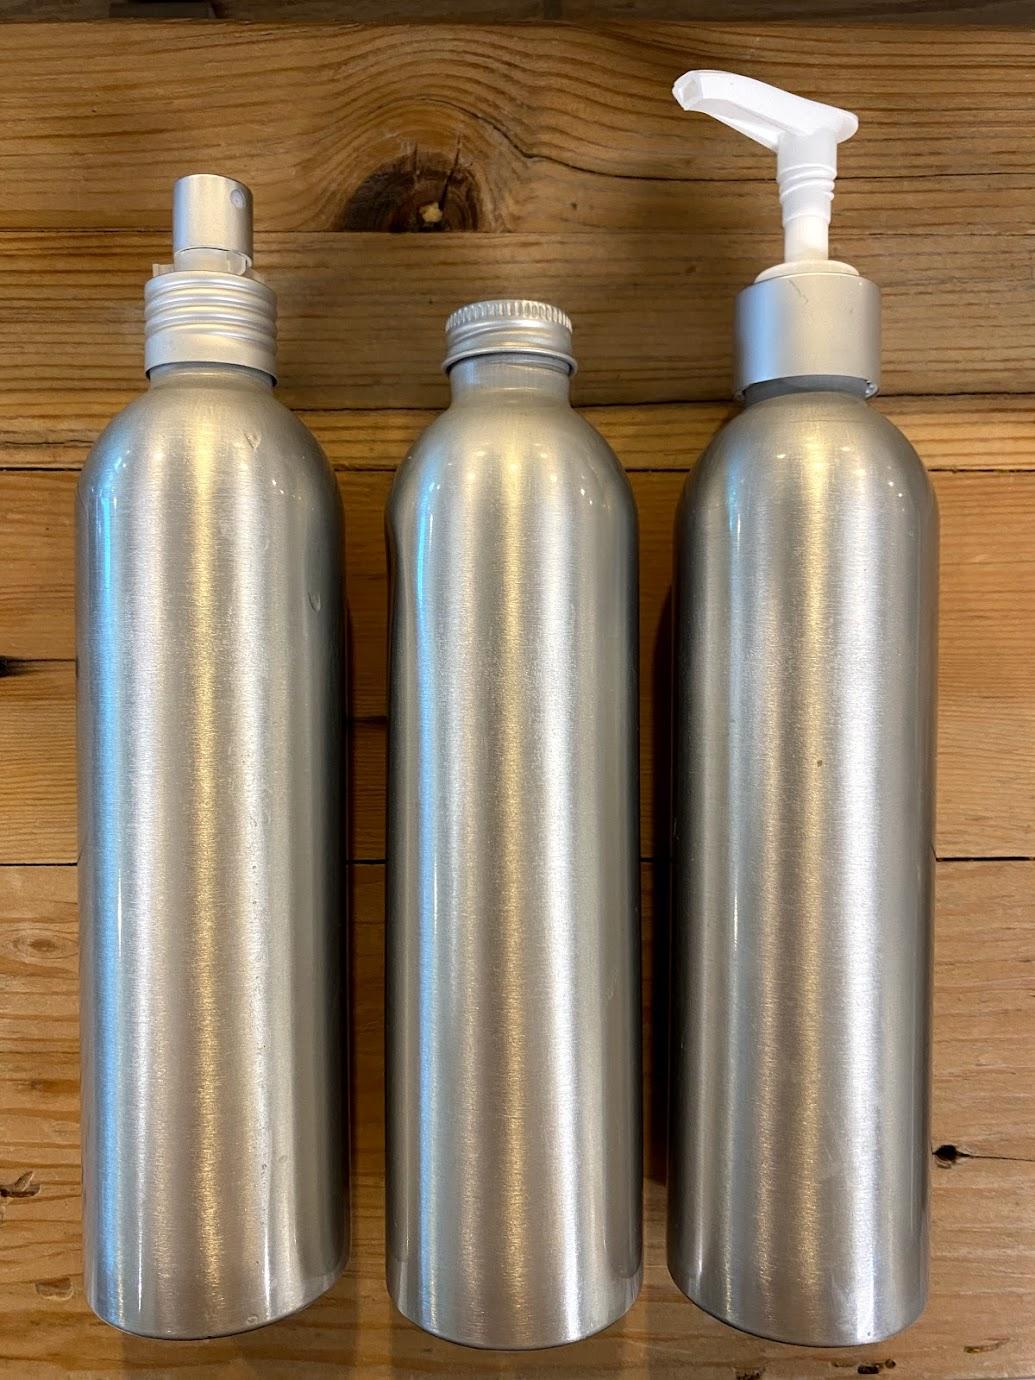 Aluminum Bottles and Accessories